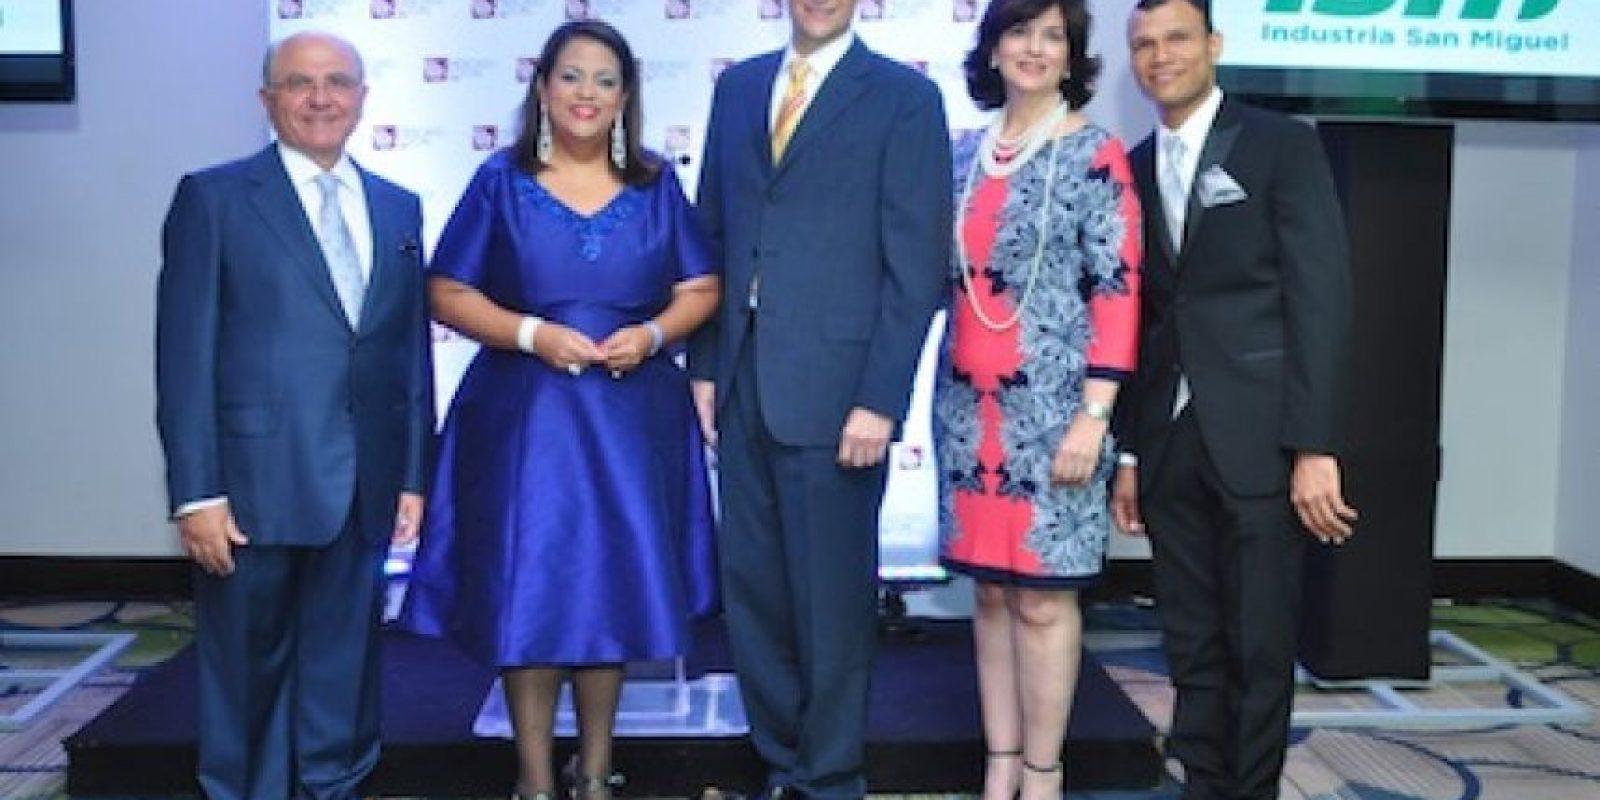 De azul, Manuela Lora, directora de la revista. Foto:Fuente externa